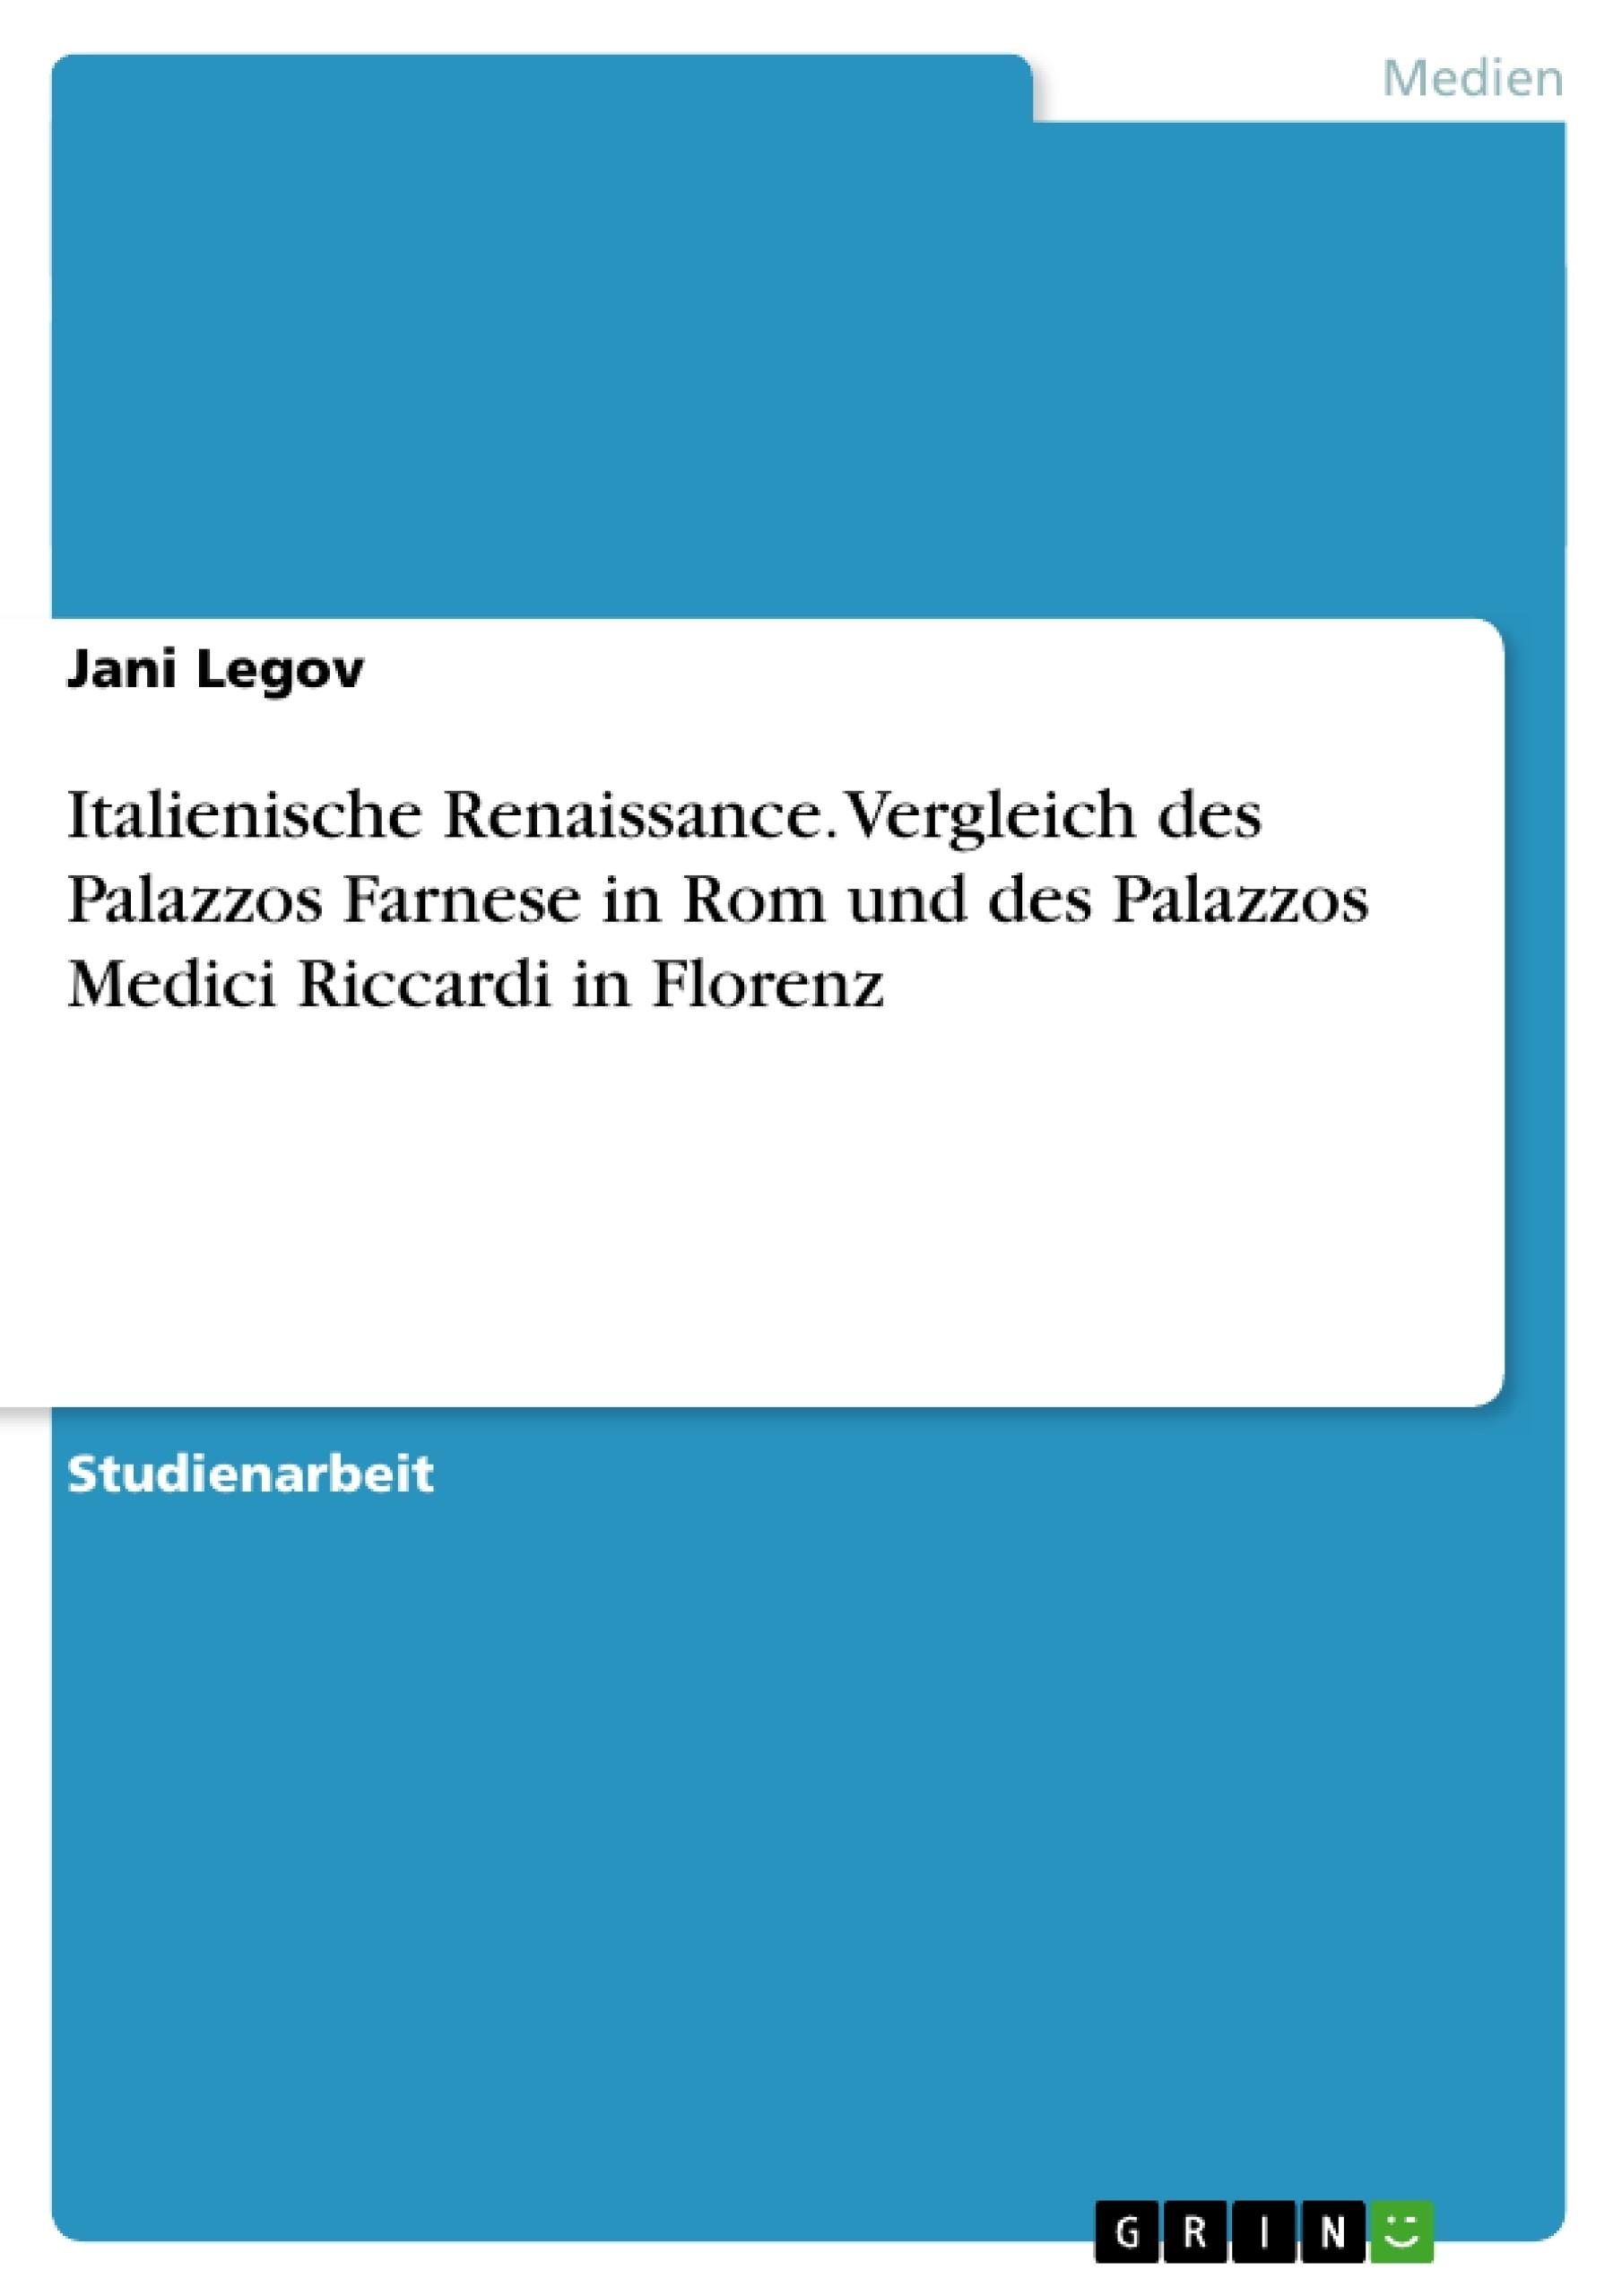 Titel: Italienische Renaissance. Vergleich des Palazzos Farnese in Rom und des Palazzos Medici Riccardi in Florenz